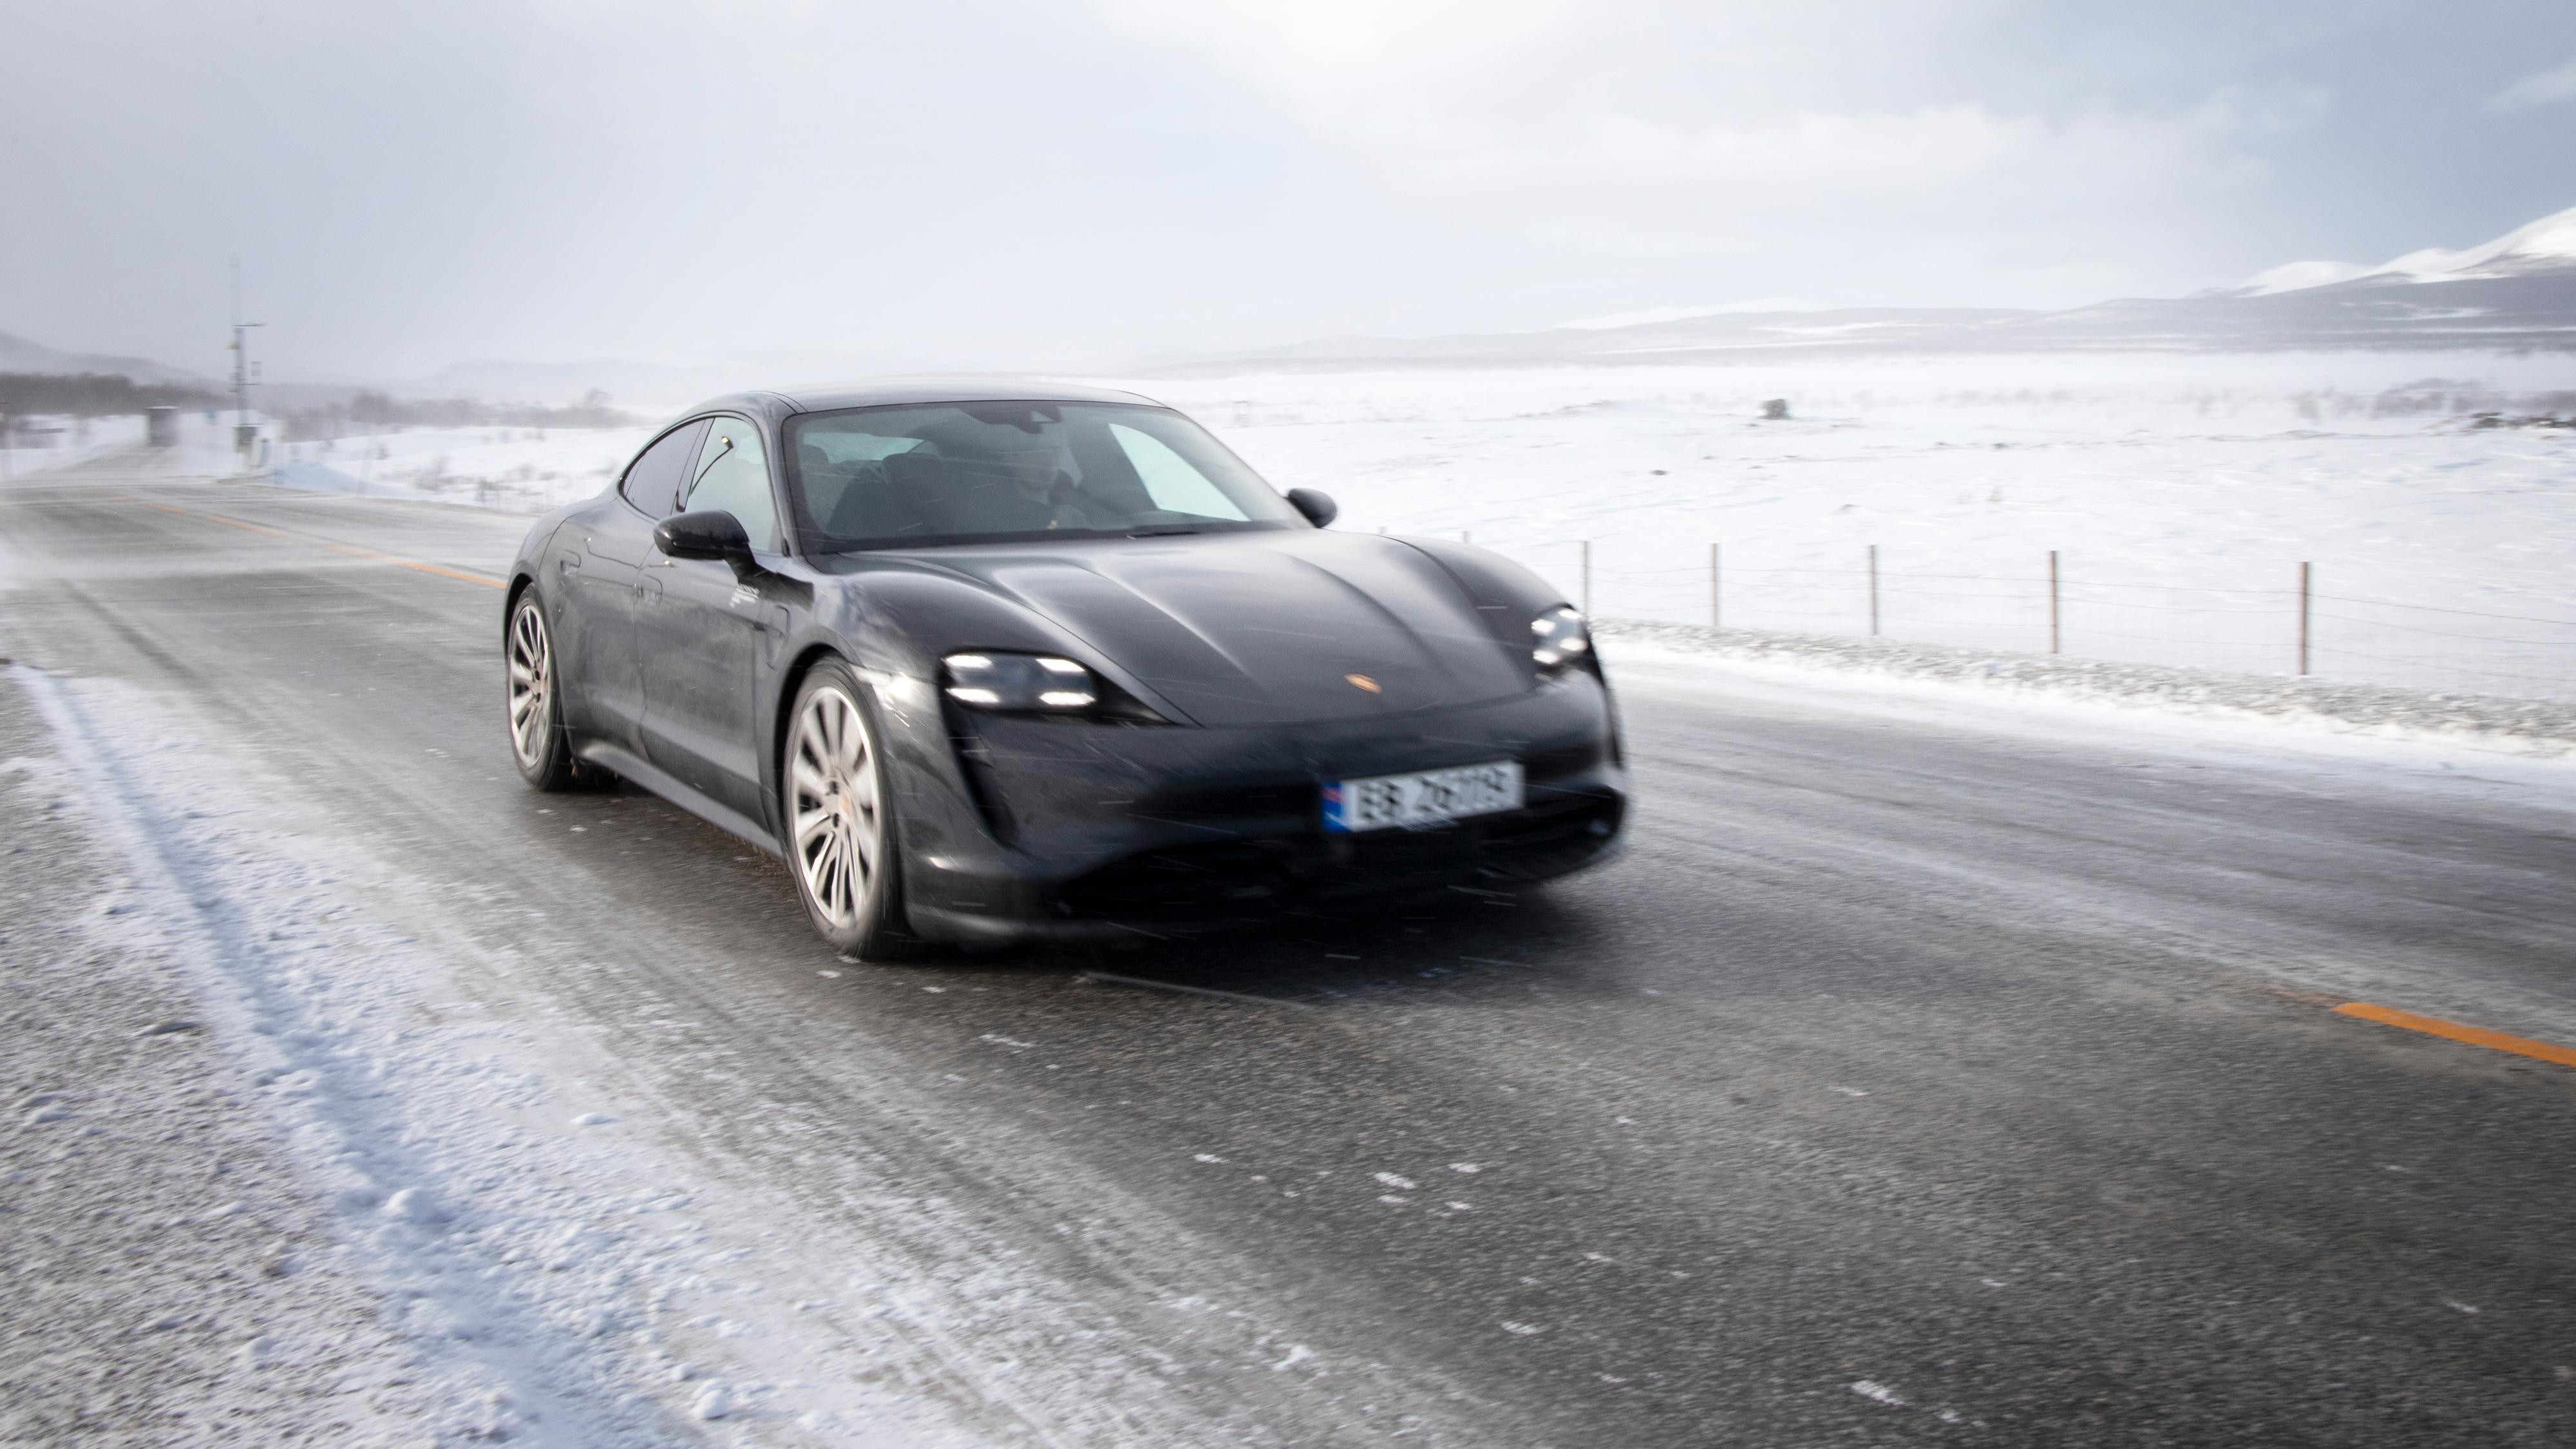 Vi kjørte Porsche Taycan fra Oslo til Trondheim. Slik var rekkevidden